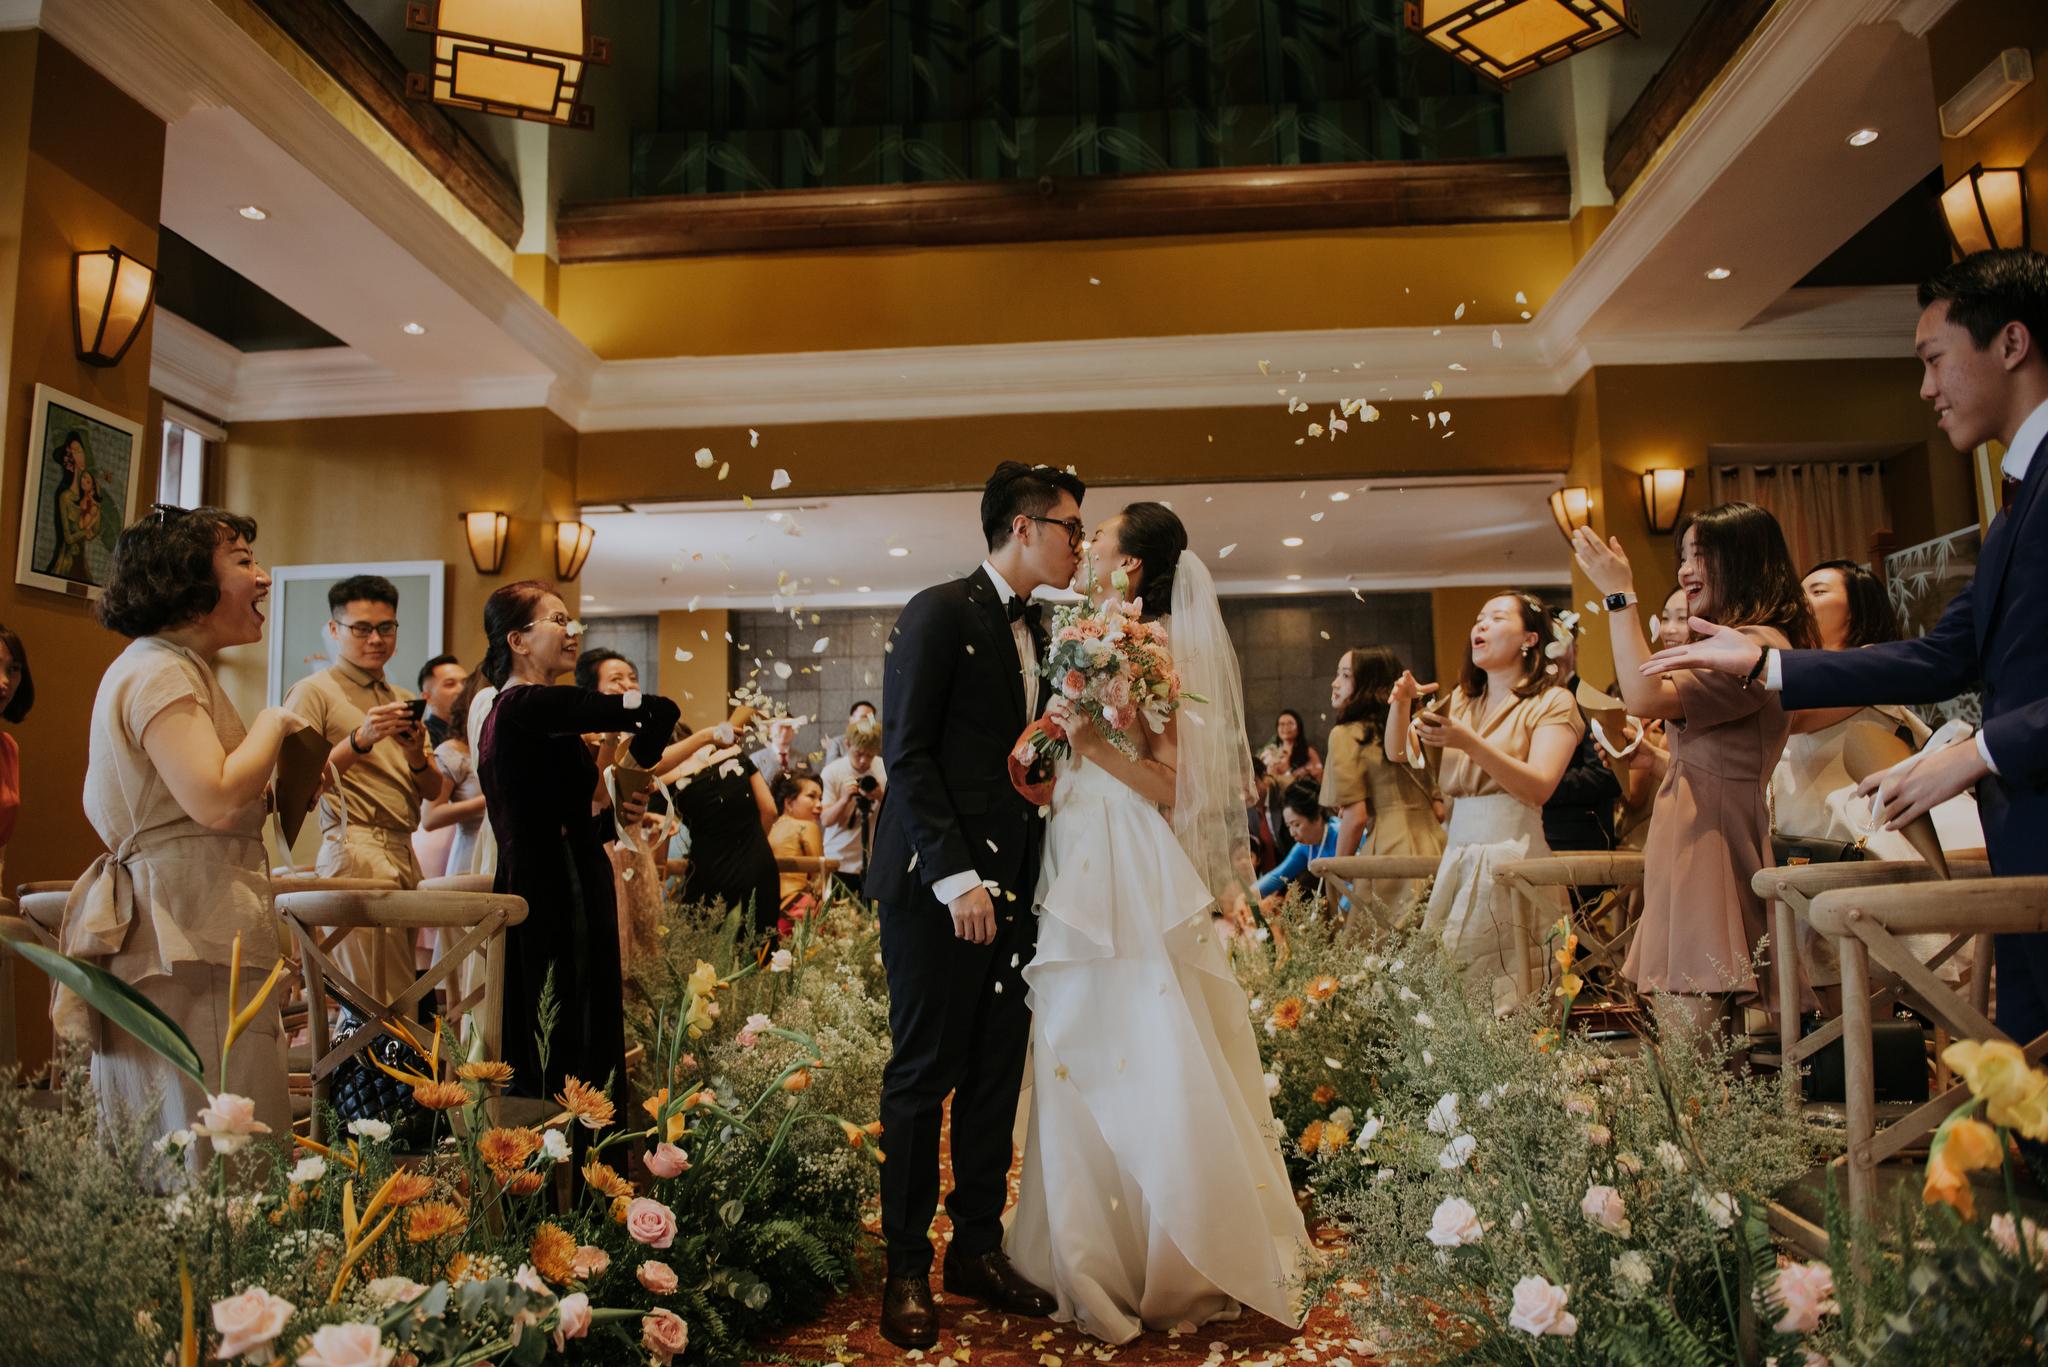 https://huk.s3.amazonaws.com/uploads/image/source/1422/Phuong-Diep-HN-Ceremony-1-0612.JPG